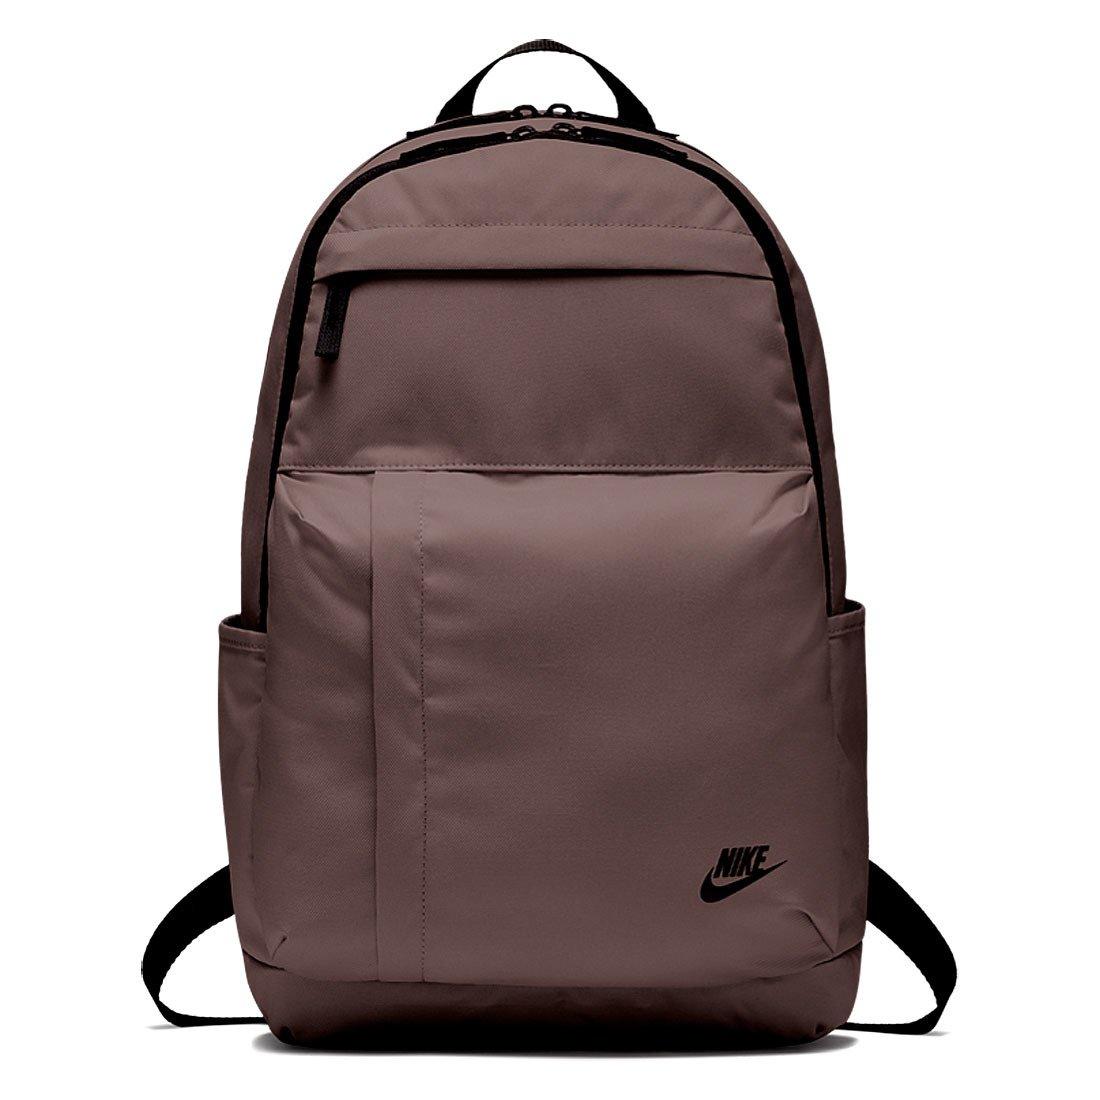 32ce0bc4df2ce Plecak Nike Sportswear Elemental BA5768-259   Sklep Butyzakupy.pl